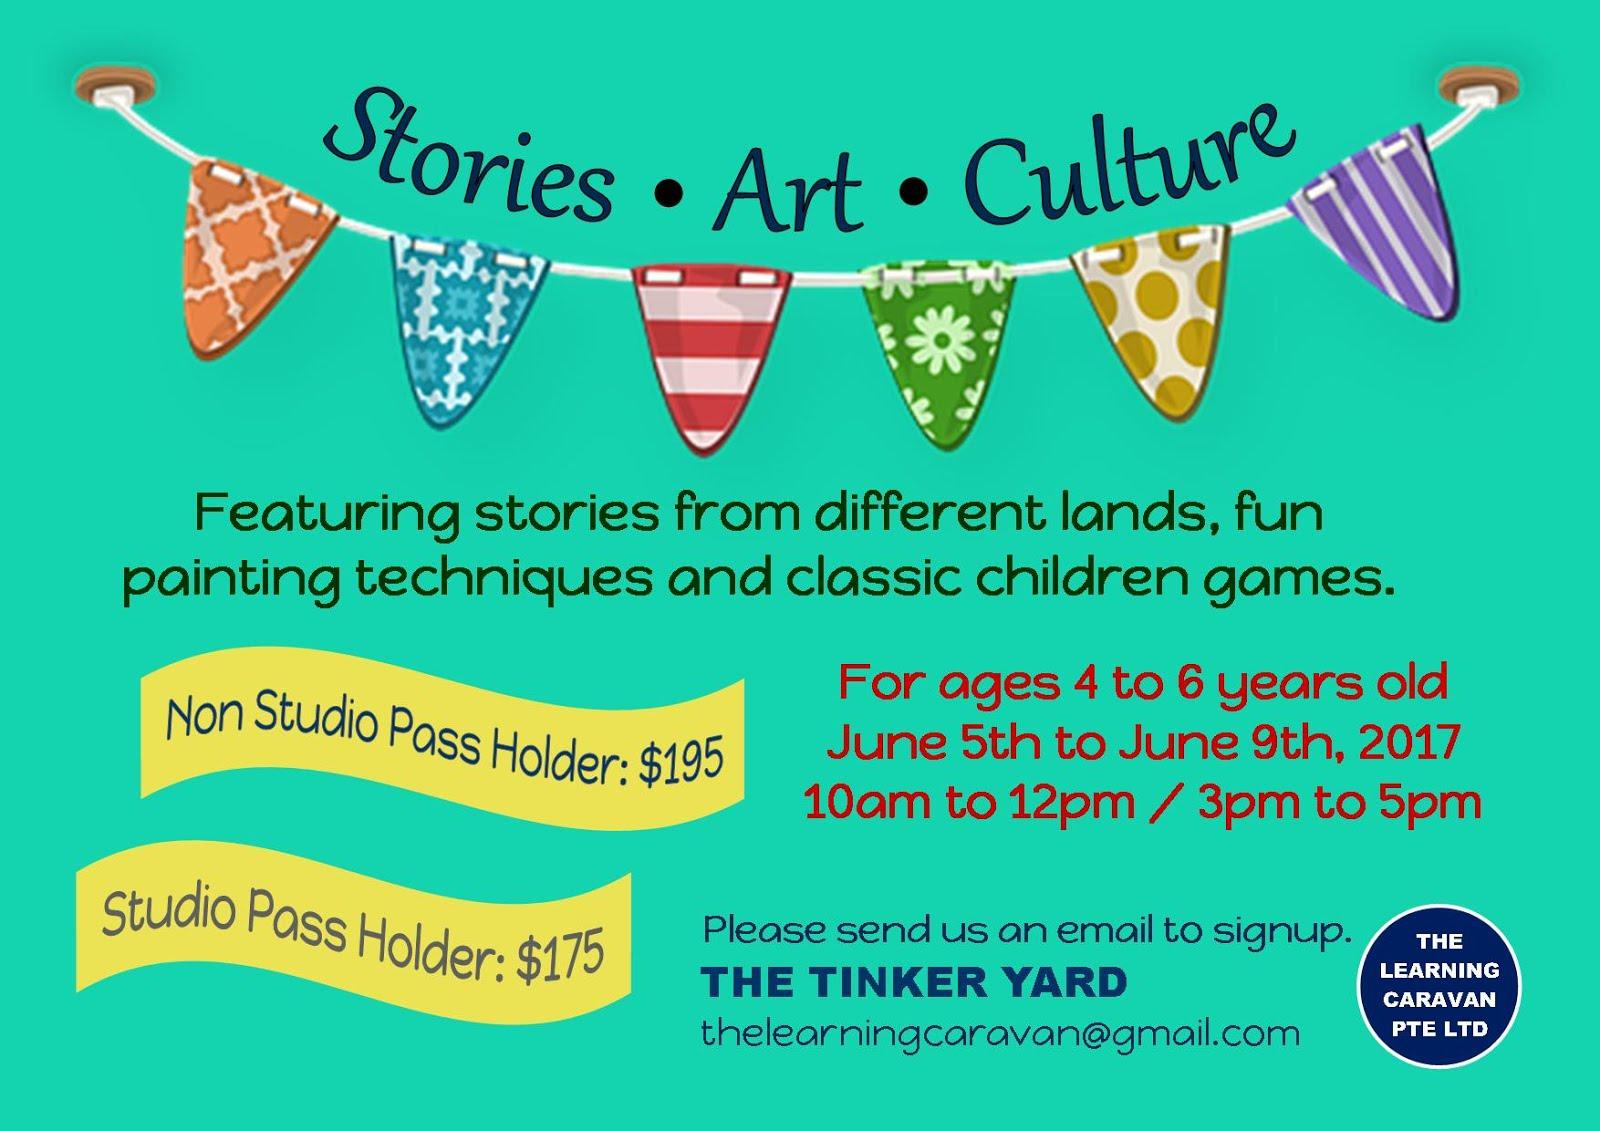 STORIES | ART | CULTURE